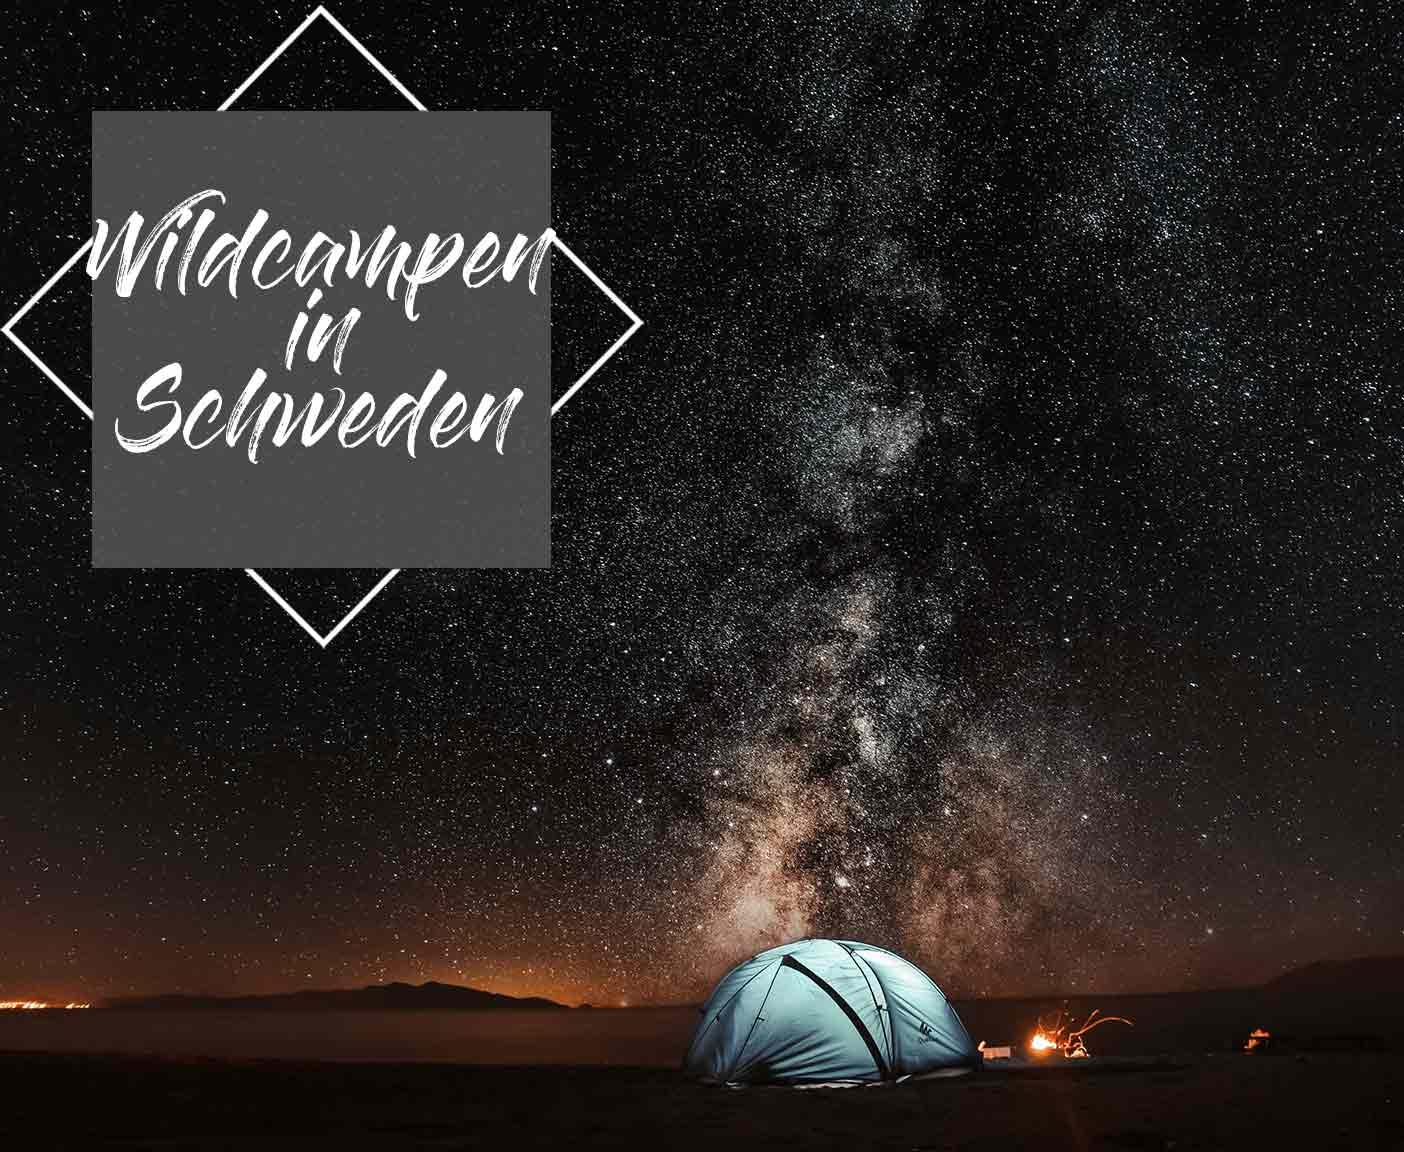 wildcampen-deutschland-frankfreich-strafe-lagerfeuer-orte-schweden-daenemark